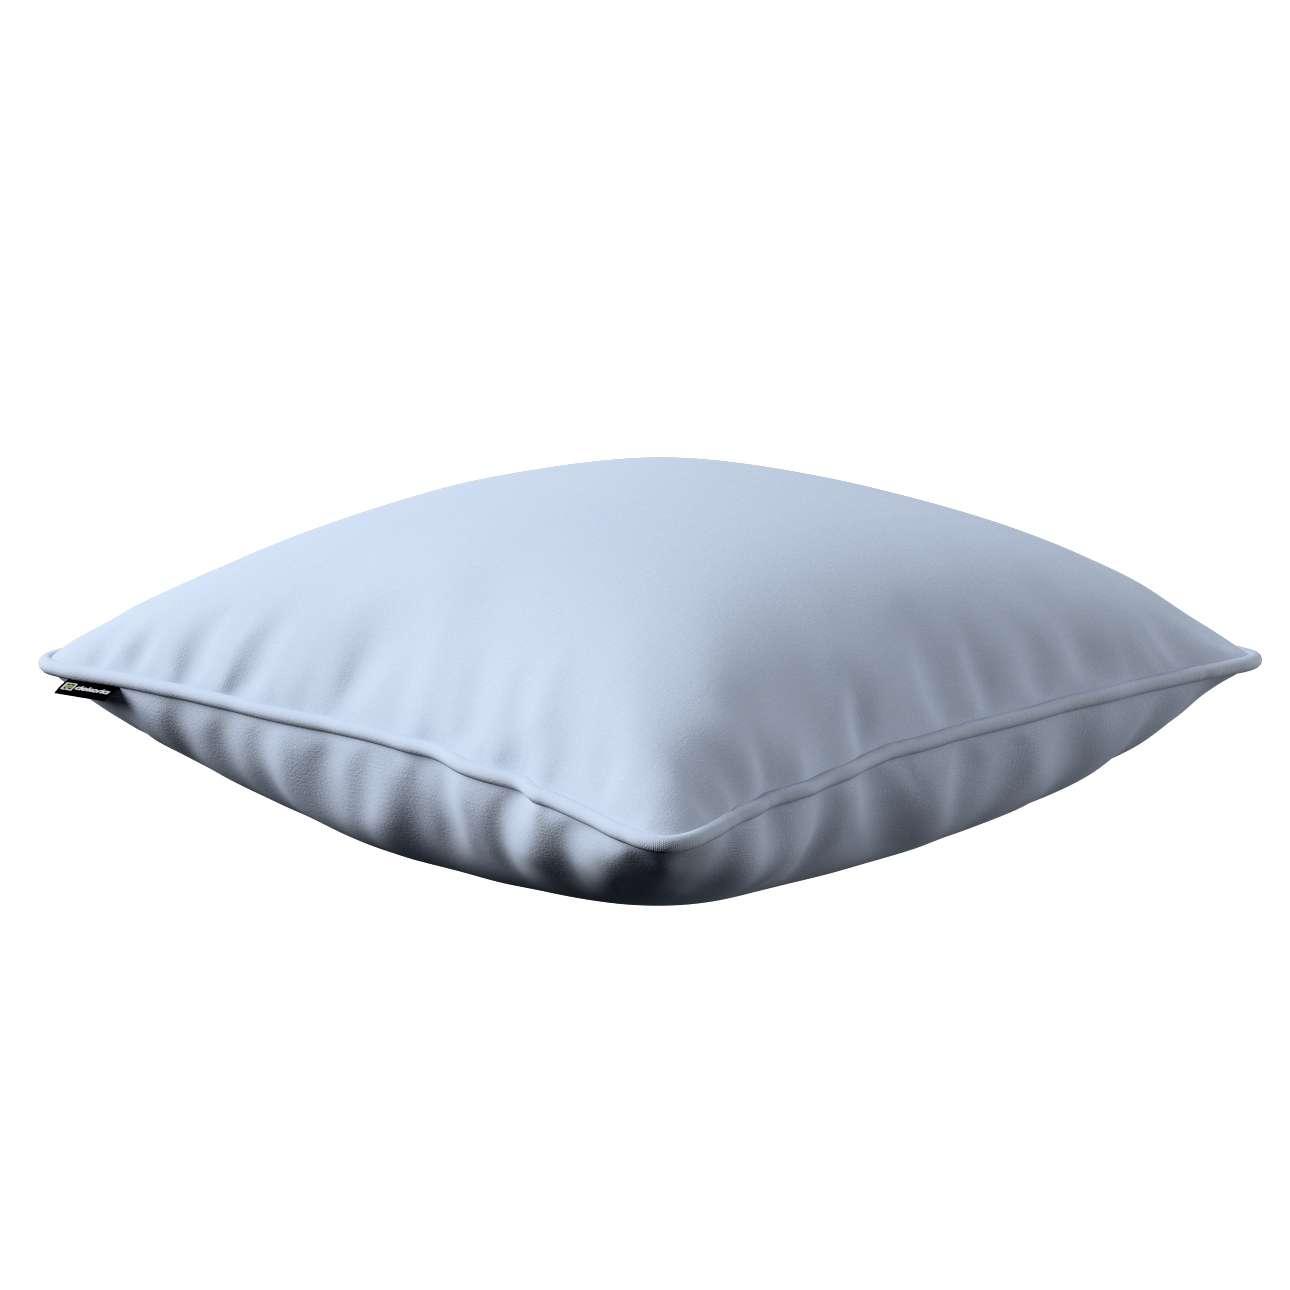 Poszewka Gabi na poduszkę 45 x 45 cm w kolekcji Loneta, tkanina: 133-35